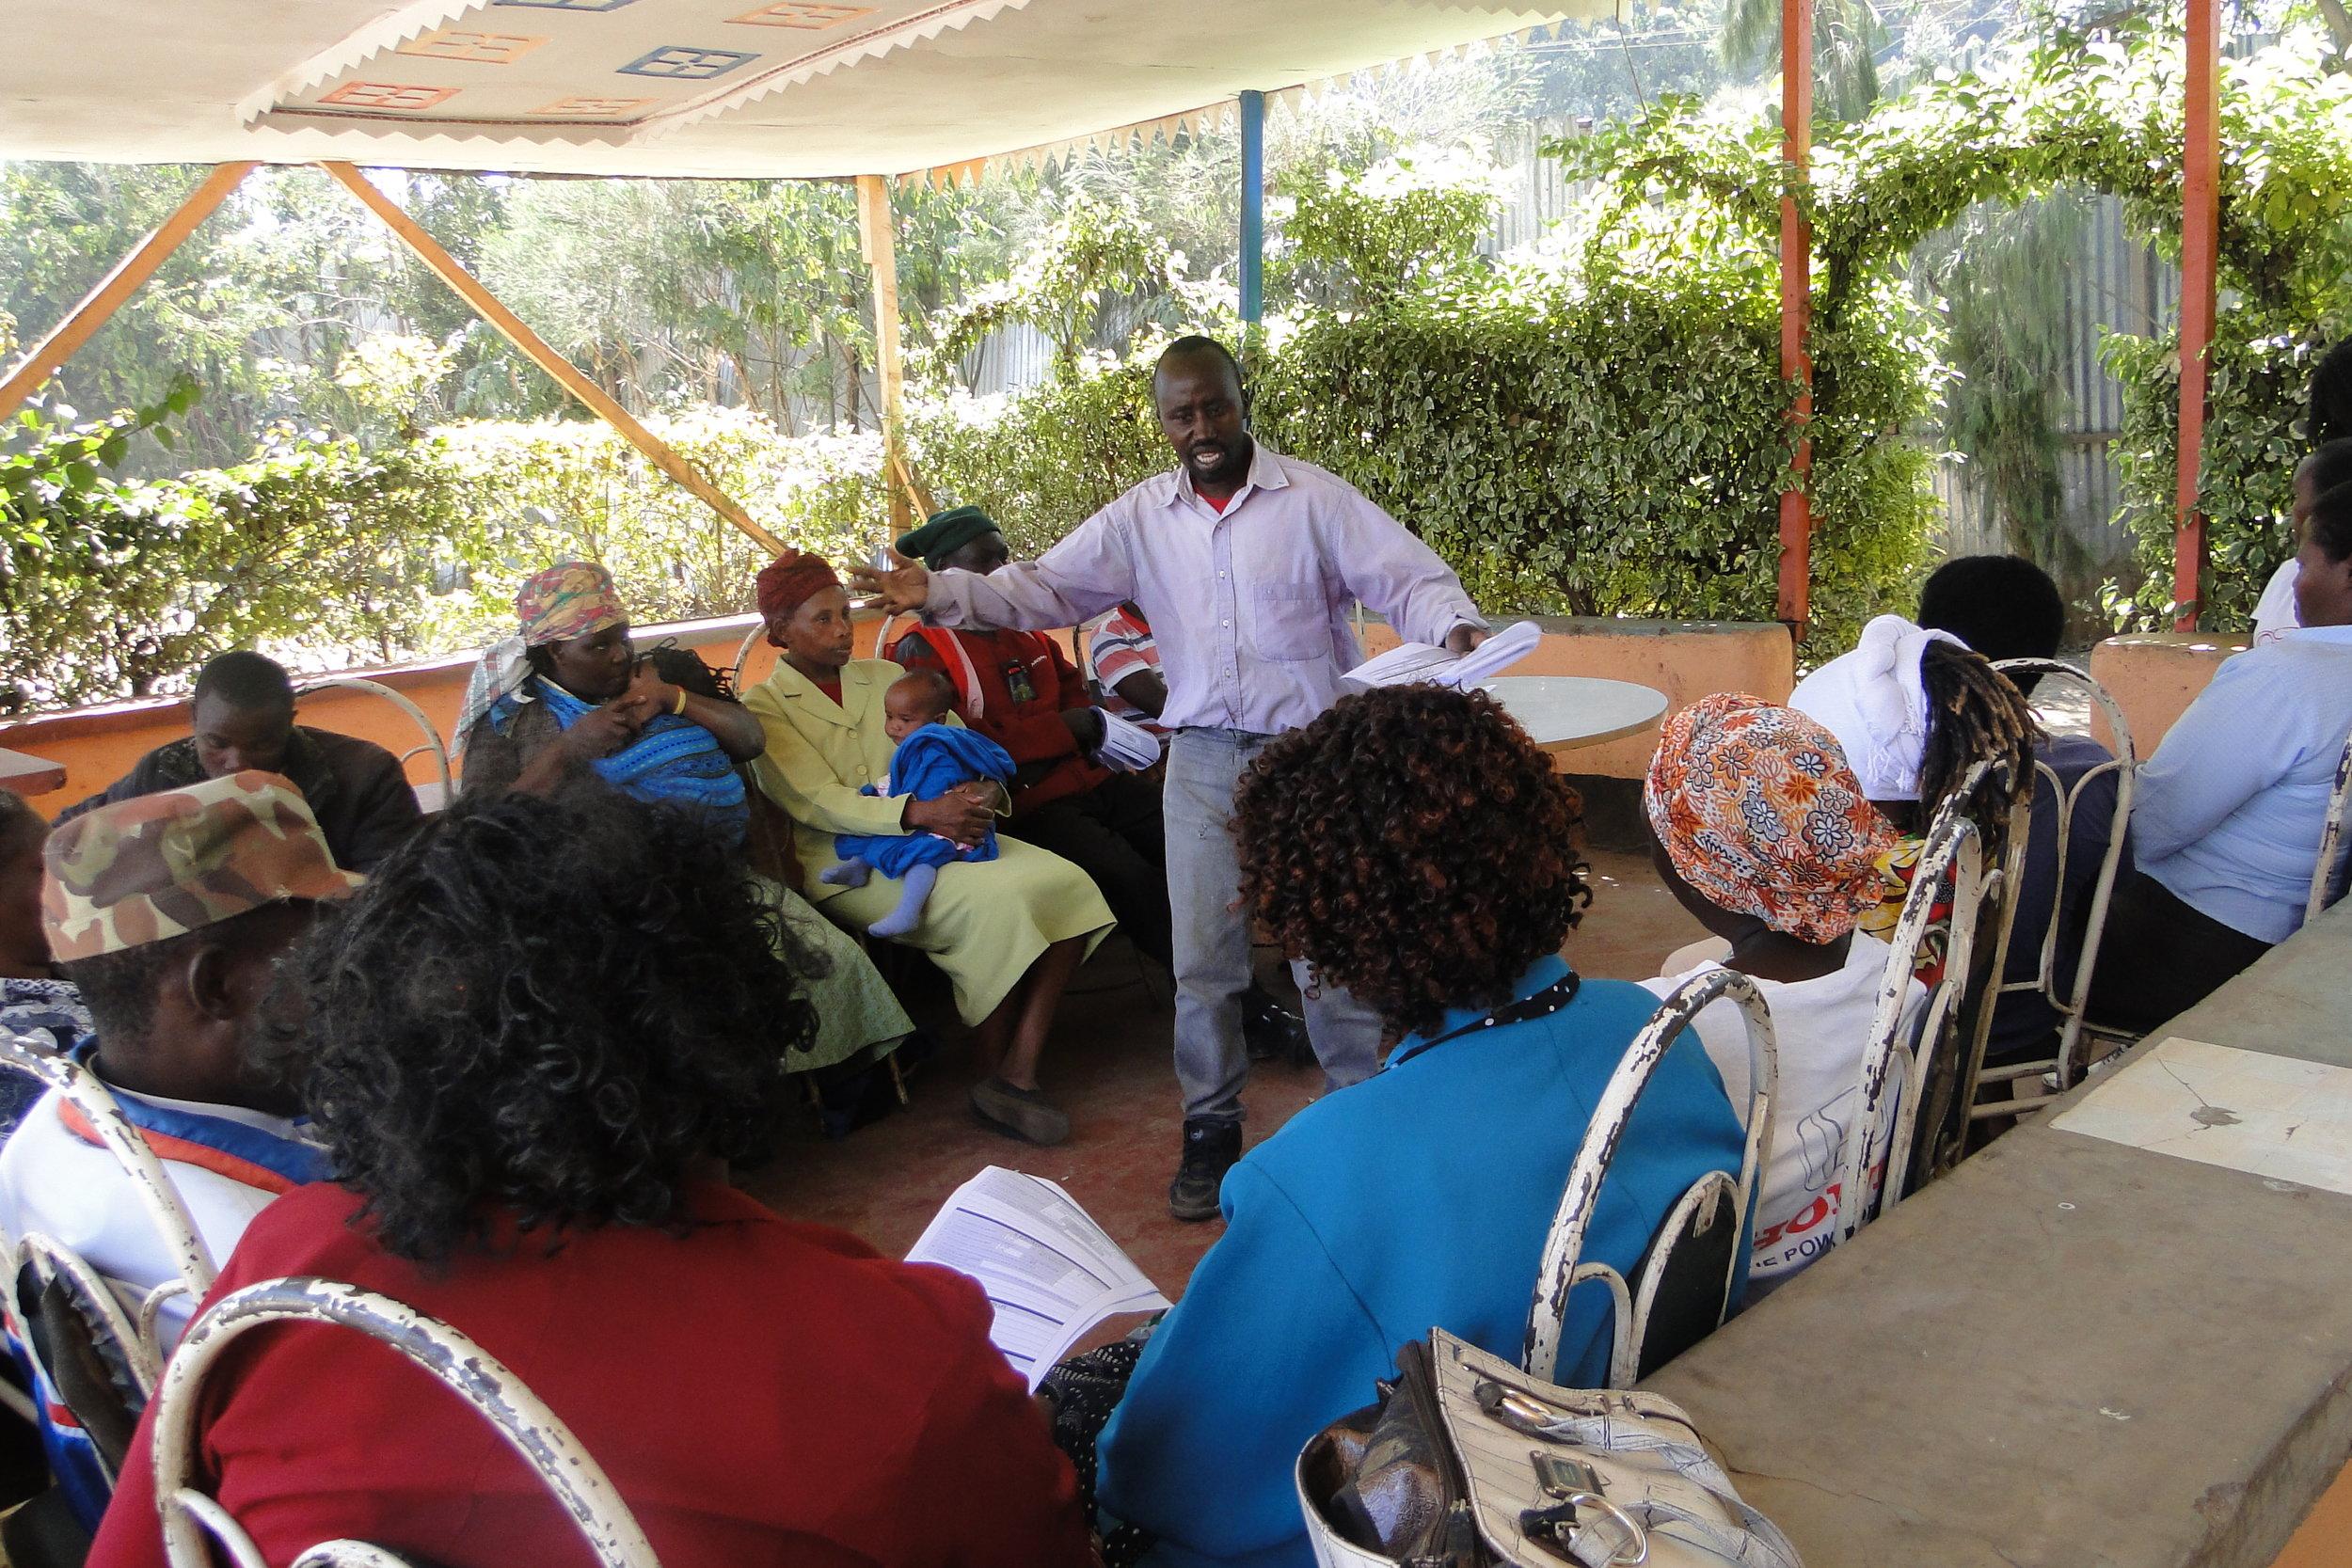 Joseph Mwendo of Muungano Training Dagorretti community on the New Settlement Profile Tool piloted by SDI this year.